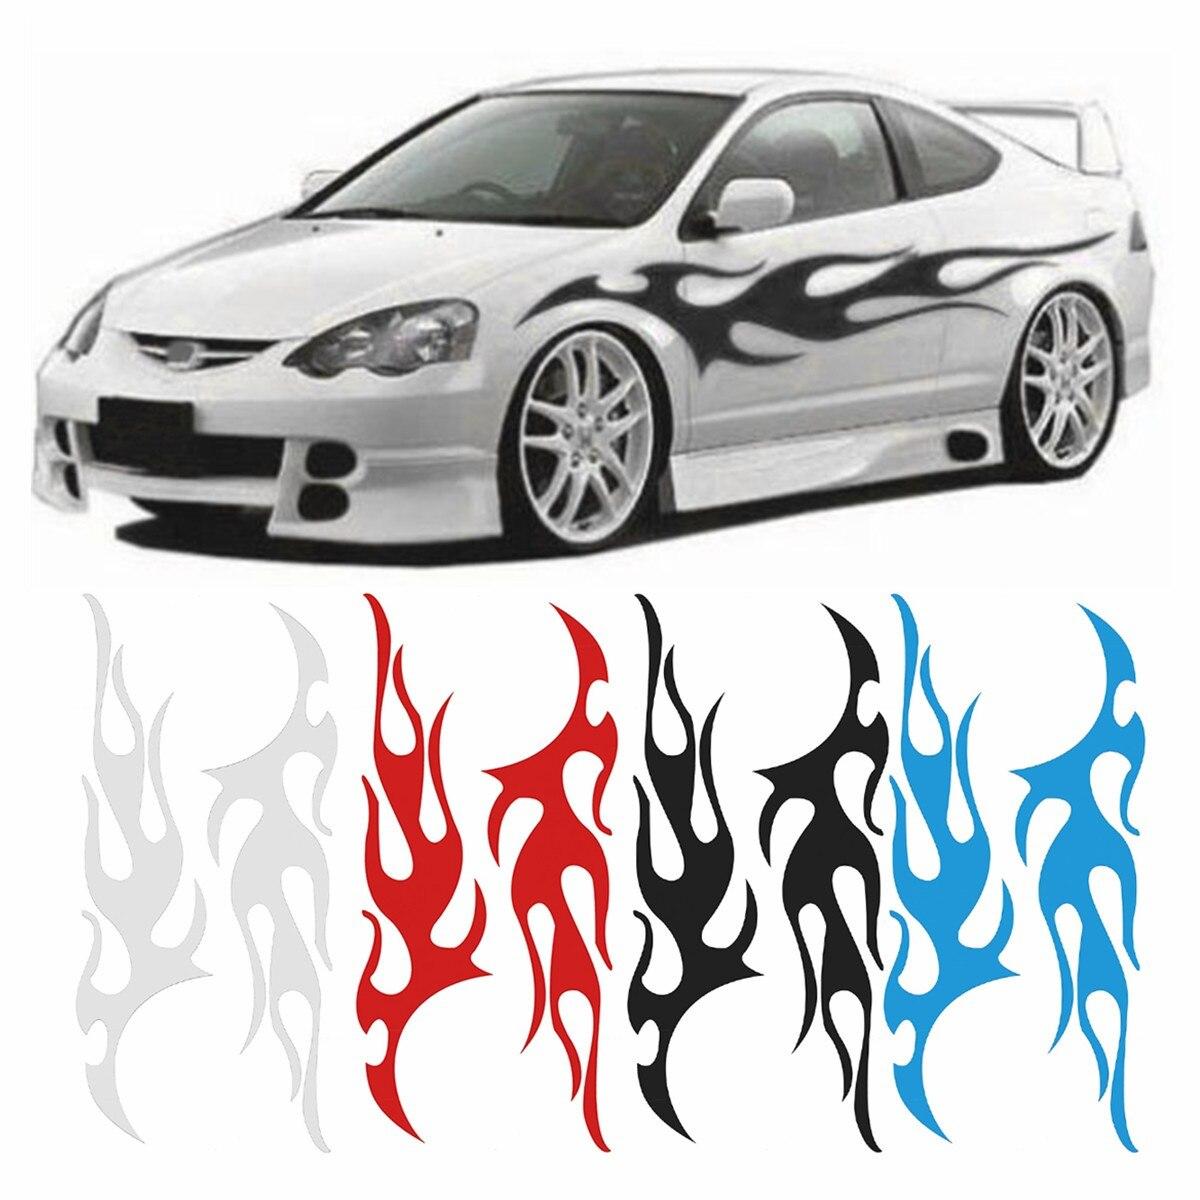 DEDC 1 пара большой Flame Graphic наклейка Flaming для автомобиля Грузовик Авто Средства ухода за кожей капюшон Панель окна заднее стекло Наклейки для а...